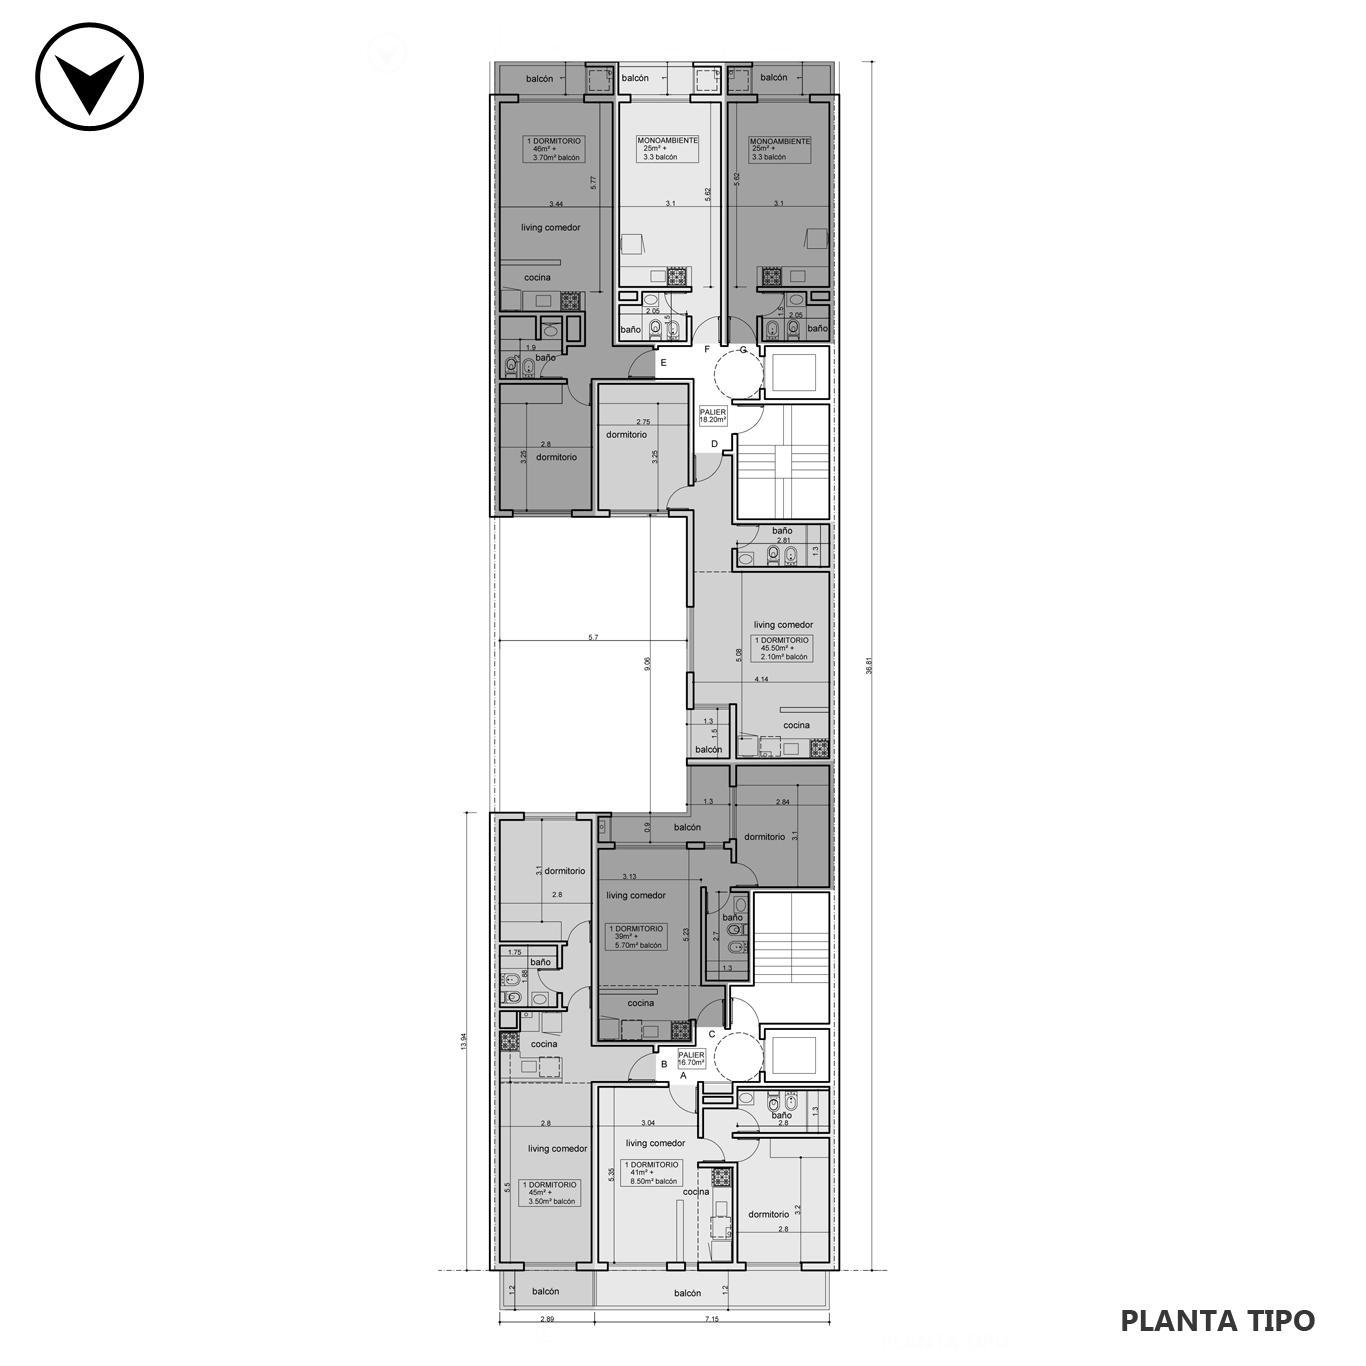 Venta departamento 1 dormitorio Rosario, Centro. Cod CBU24743 AP2302089. Crestale Propiedades